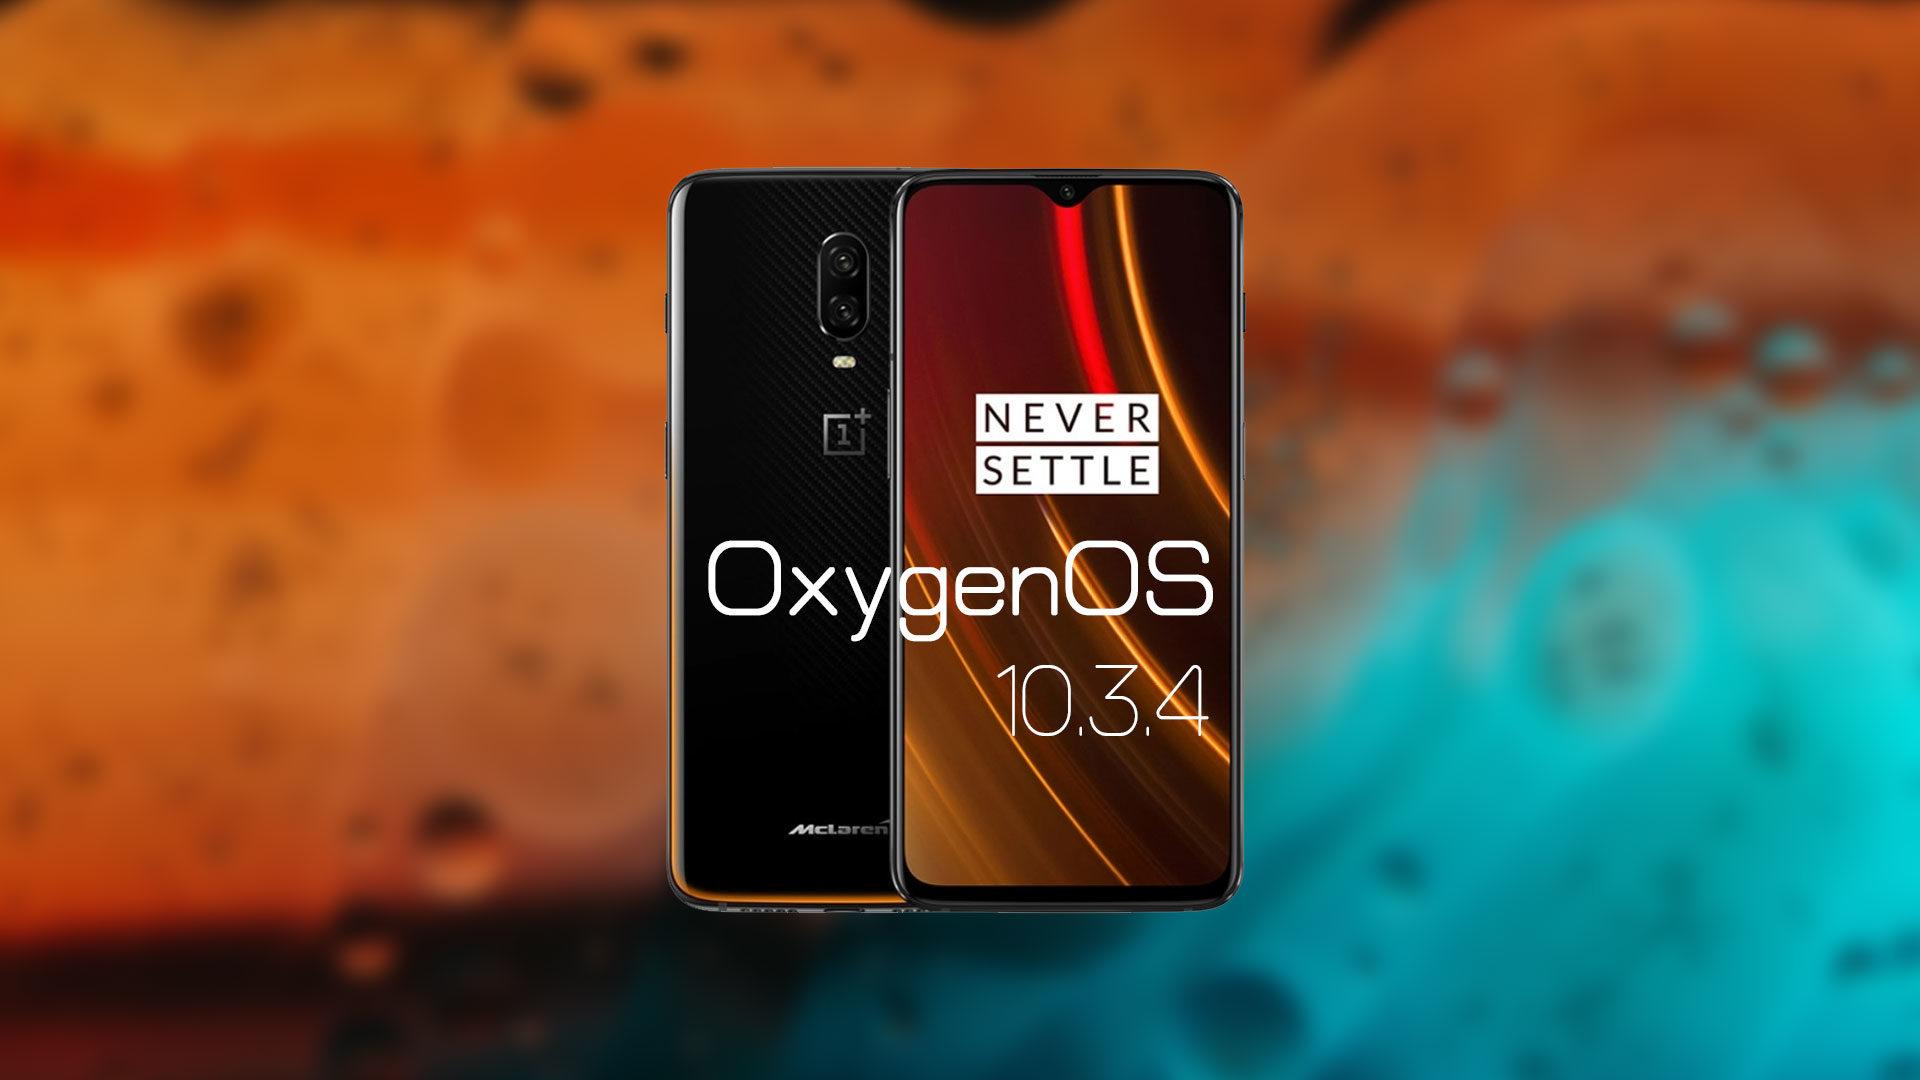 「OnePlus 6/6T」向けにランチャーの更新や5月セキュリティパッチを含む「OxygenOS 10.3.4」がリリース